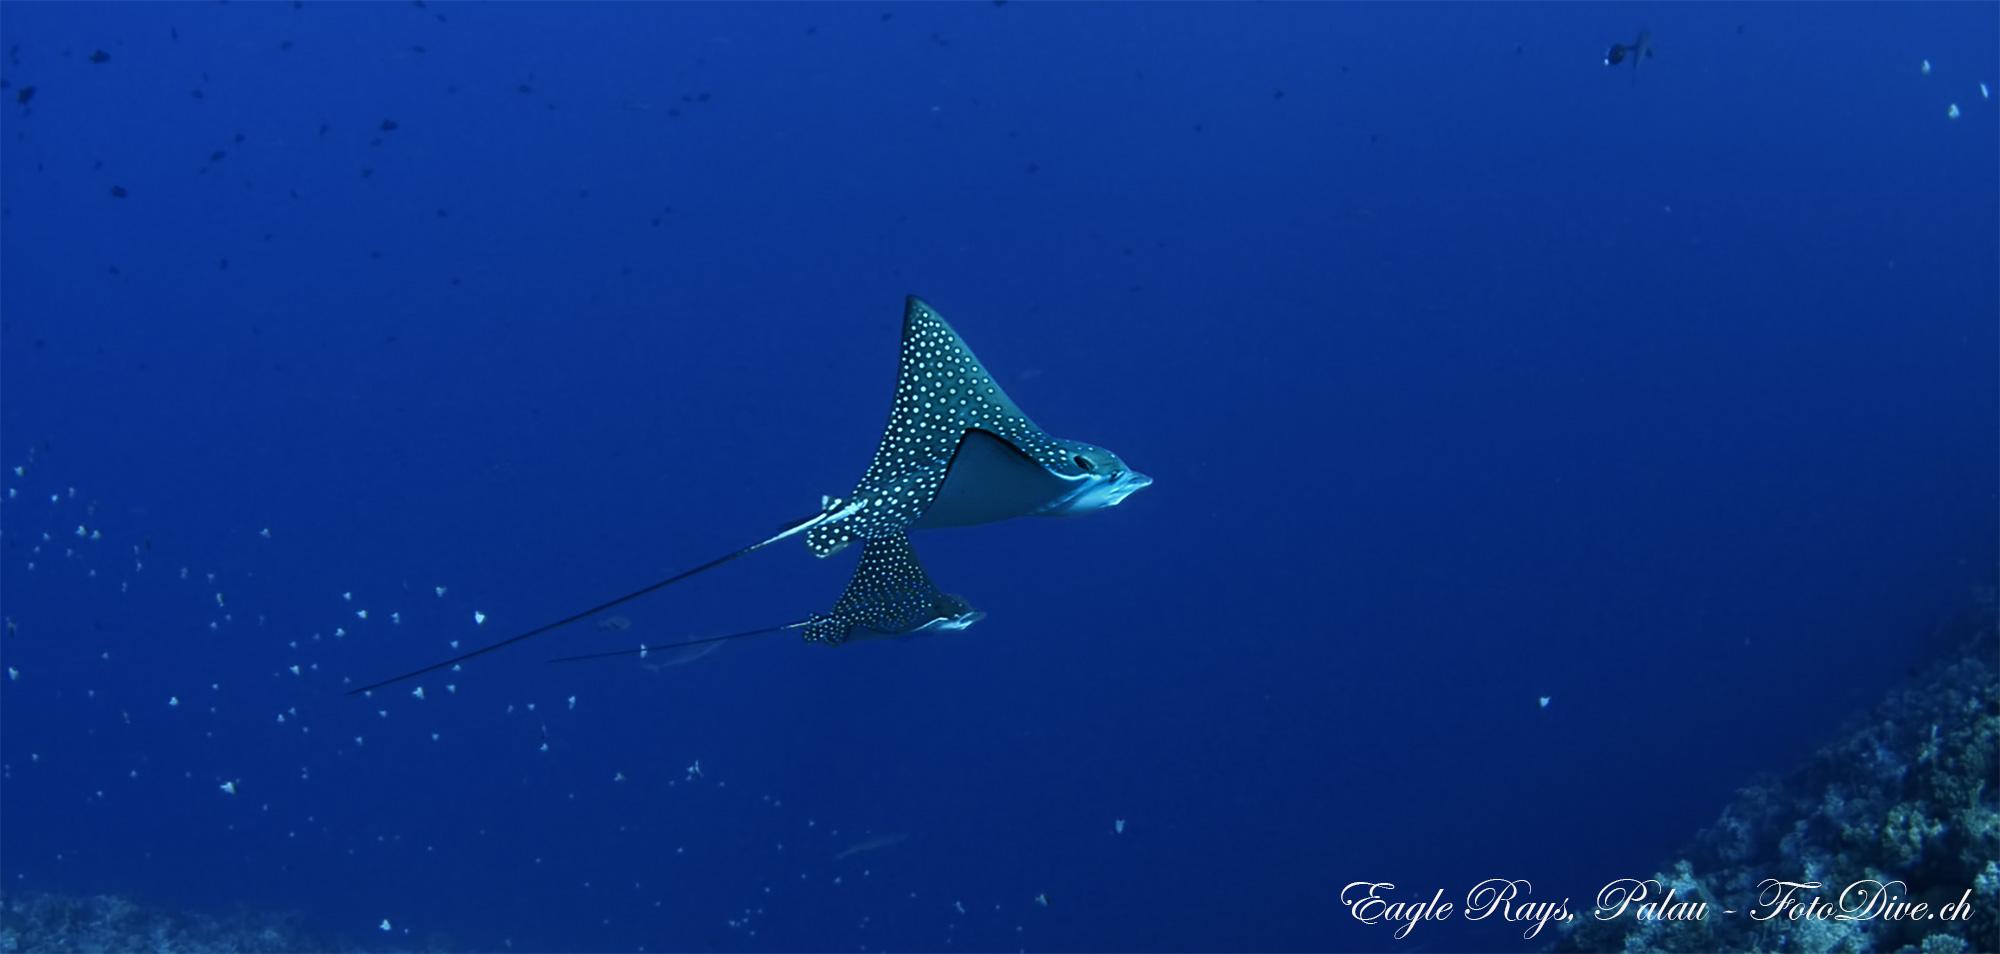 Eagle Rays Palau